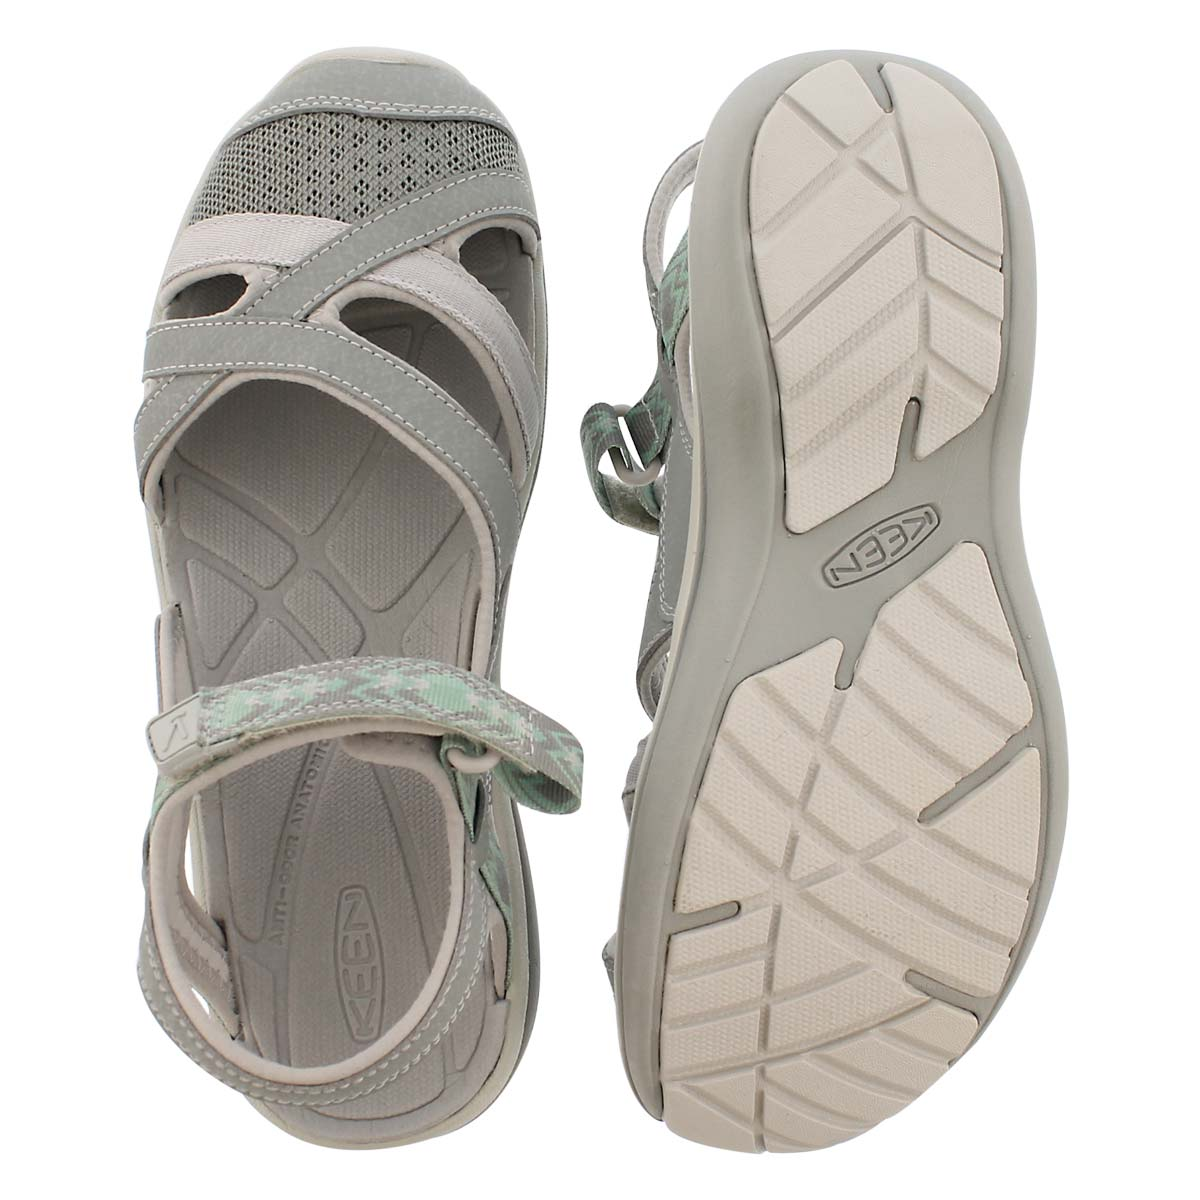 Lds Sage Ankle neutral sport sandal